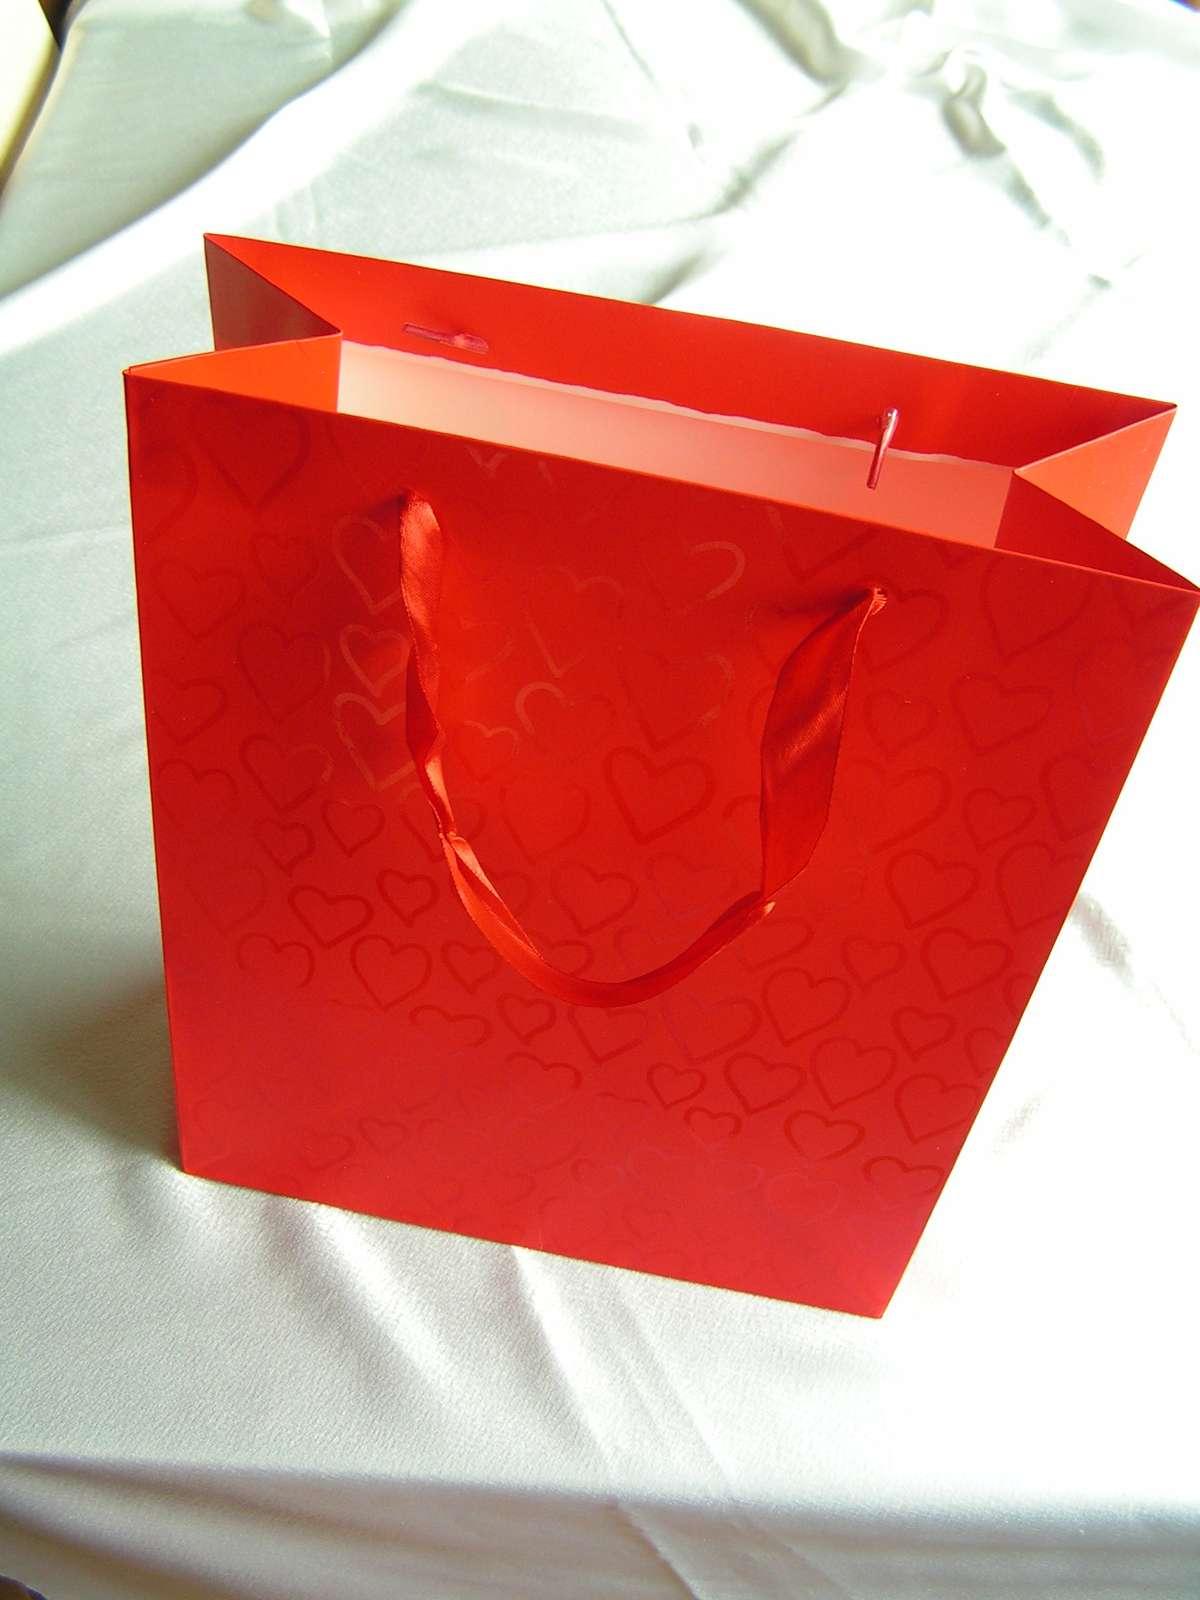 Velká dárková taška - 25 x 32 cm - Obrázek č. 1